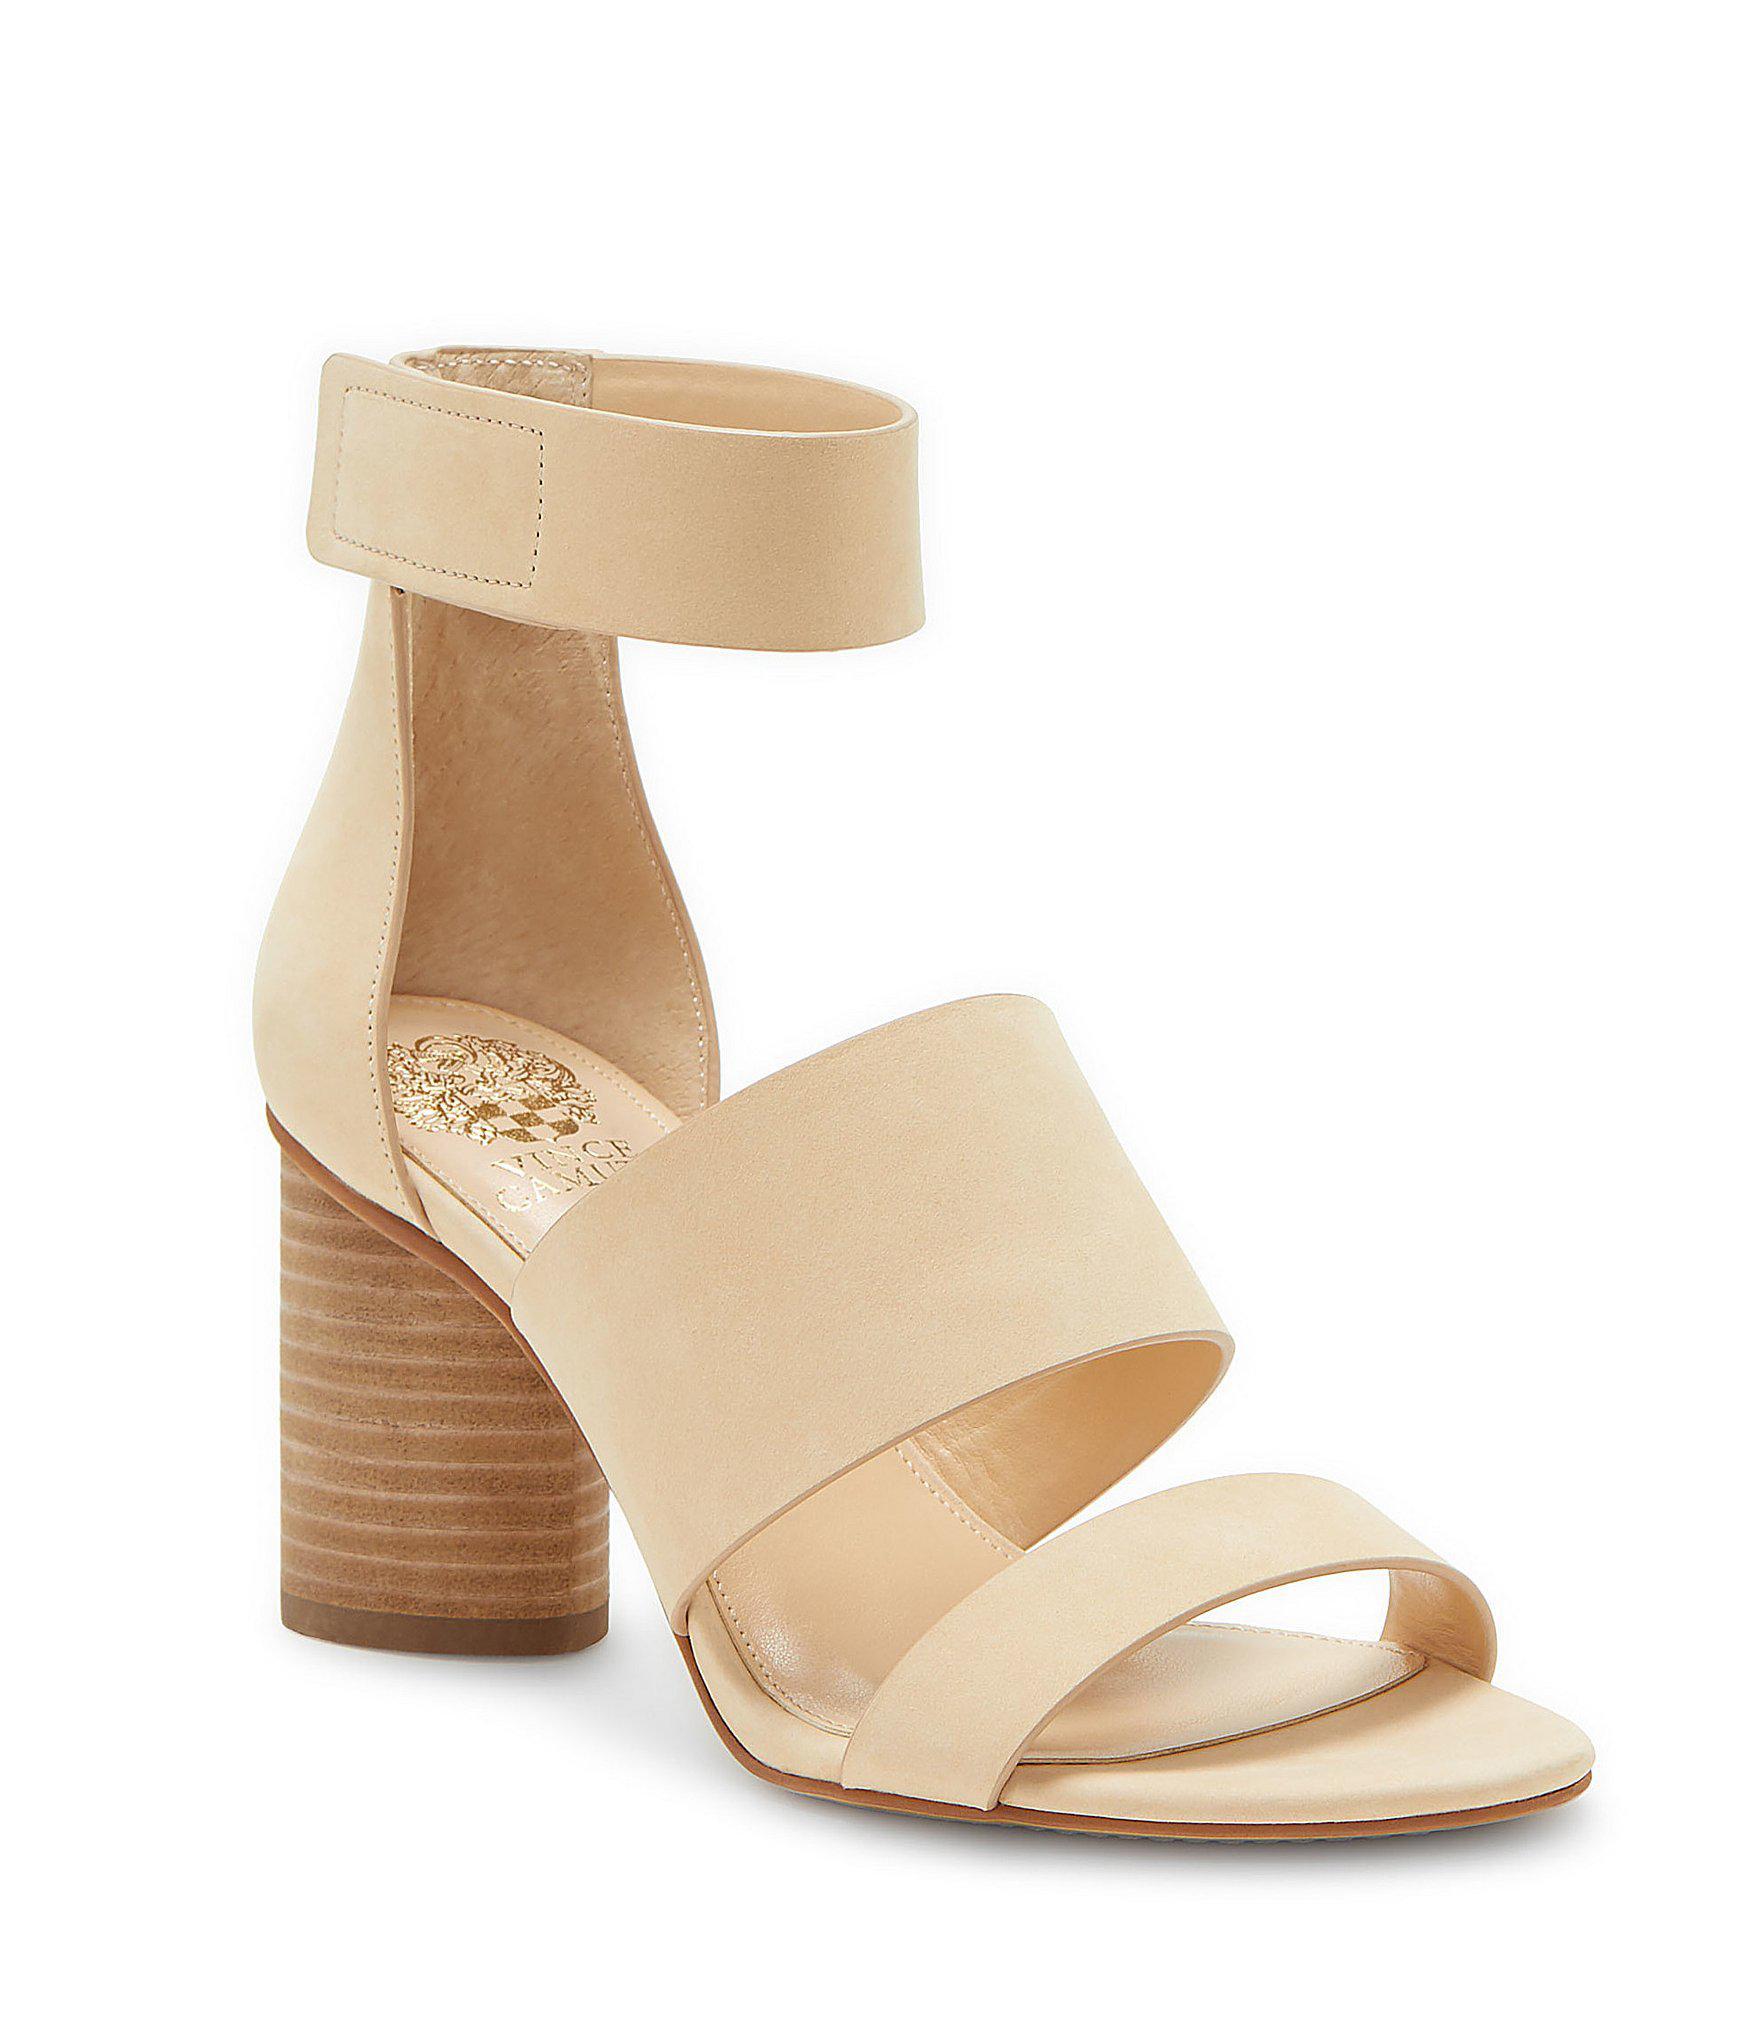 f594af9e195 Lyst - Vince Camuto Junette Nubuck Block Heel Sandals in Natural